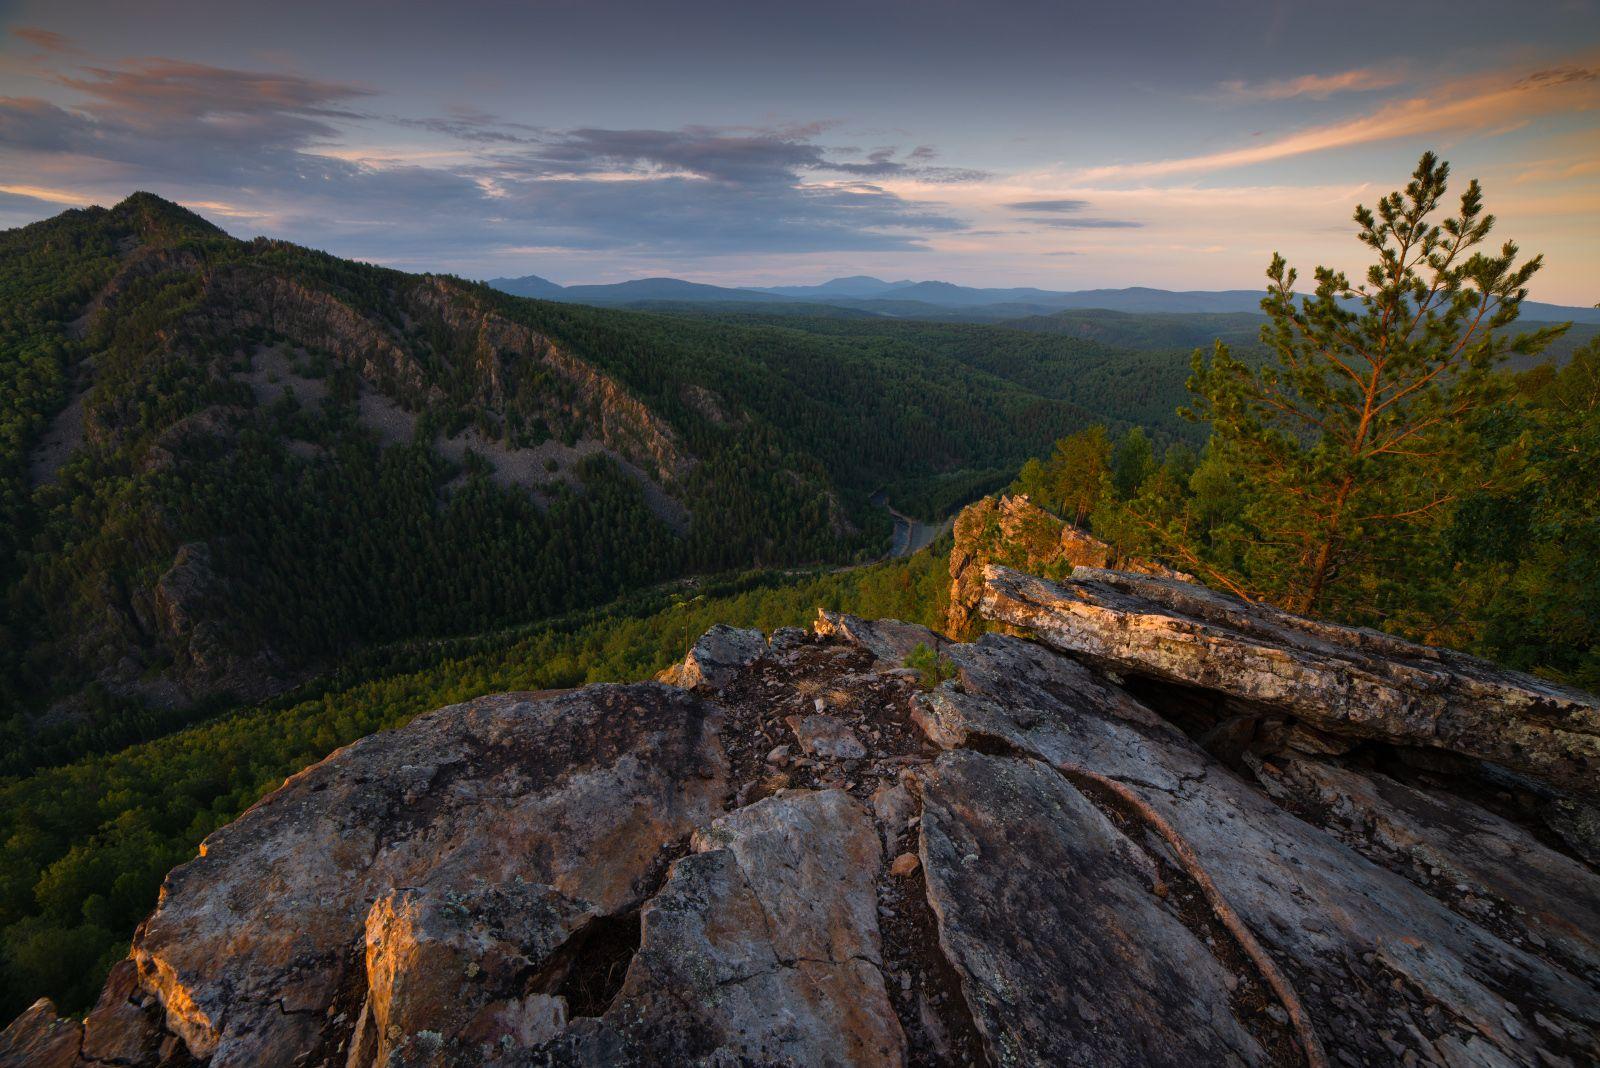 Пласты пейзаж закат горы скалы Айгир Южный Урал деревья